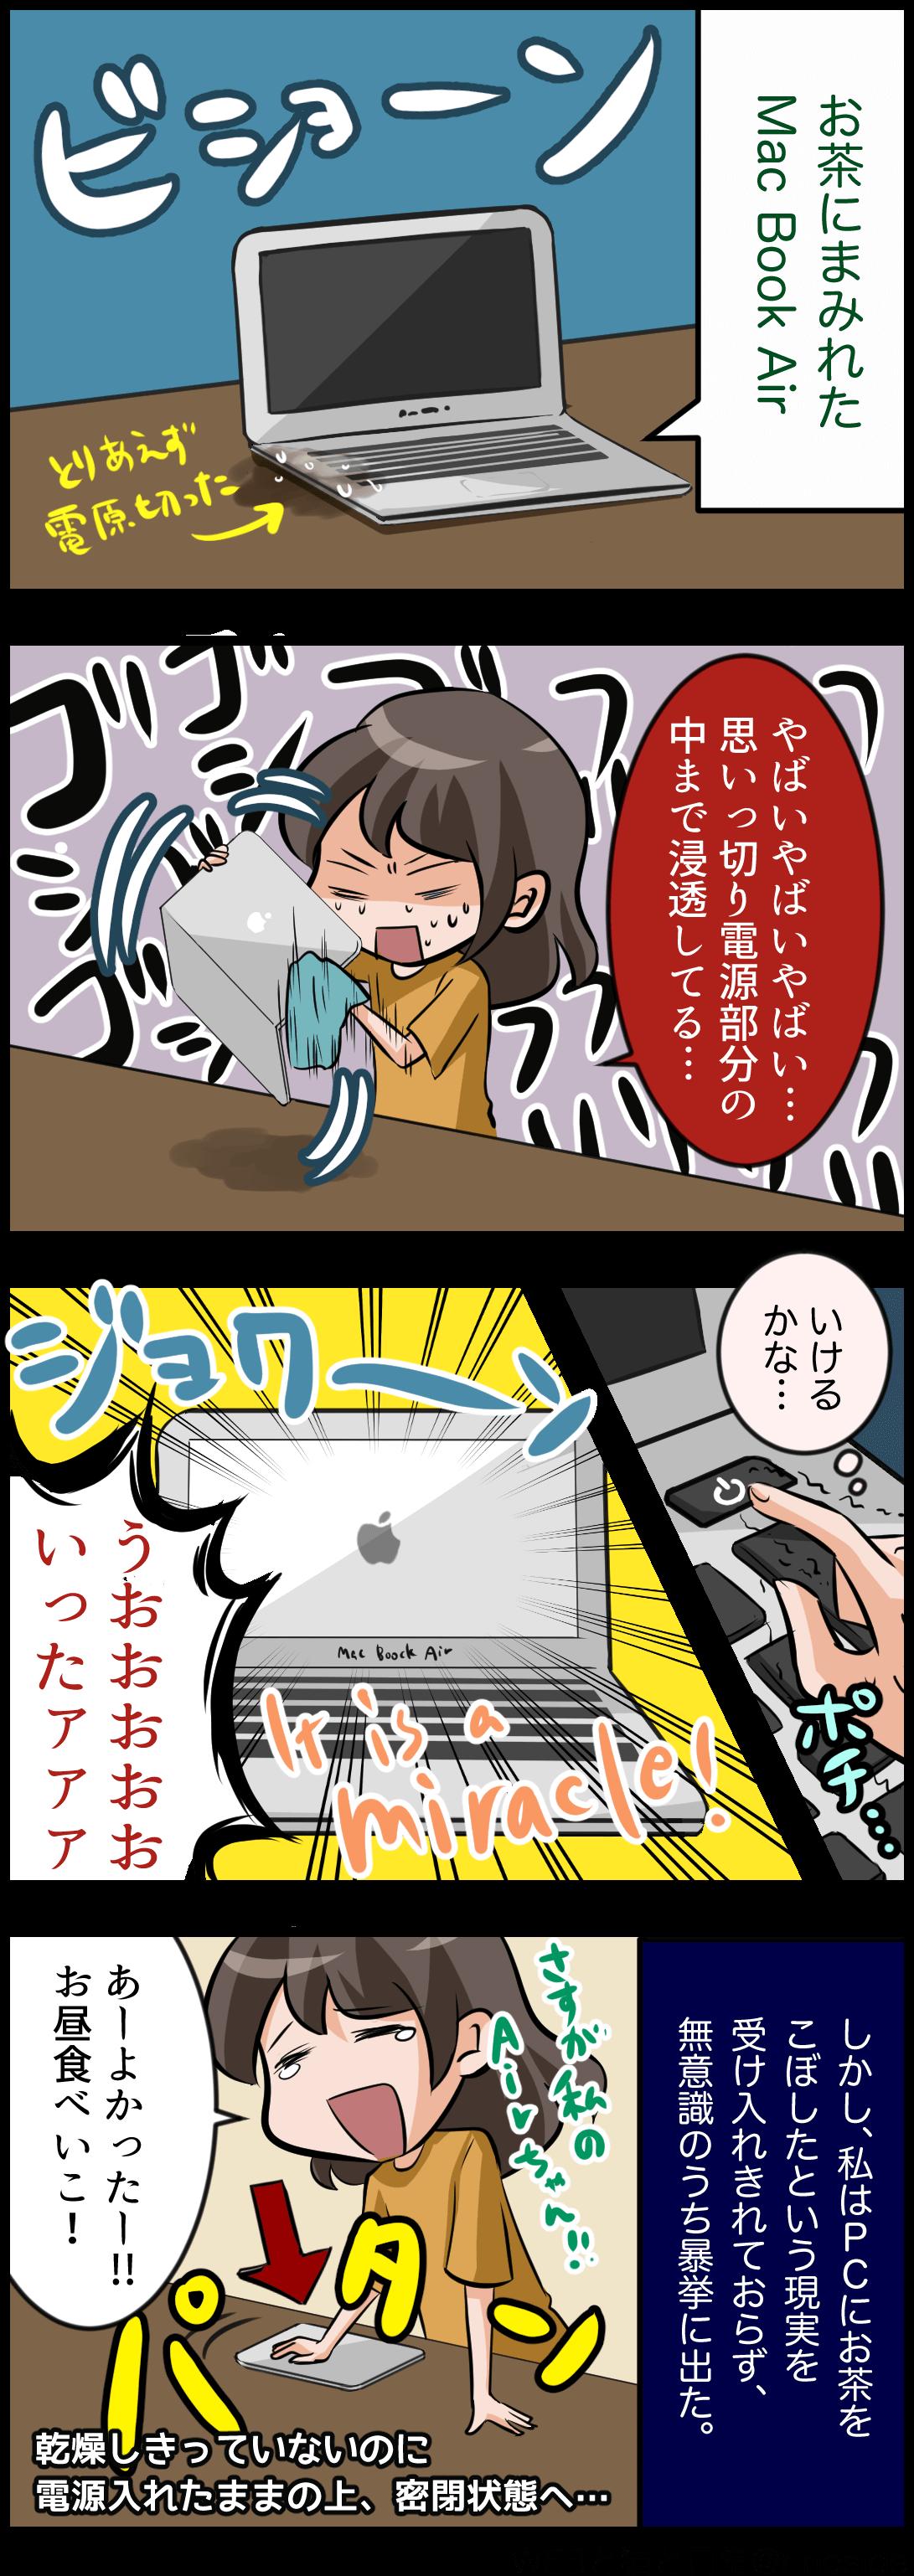 MacBook Airに水をこぼした